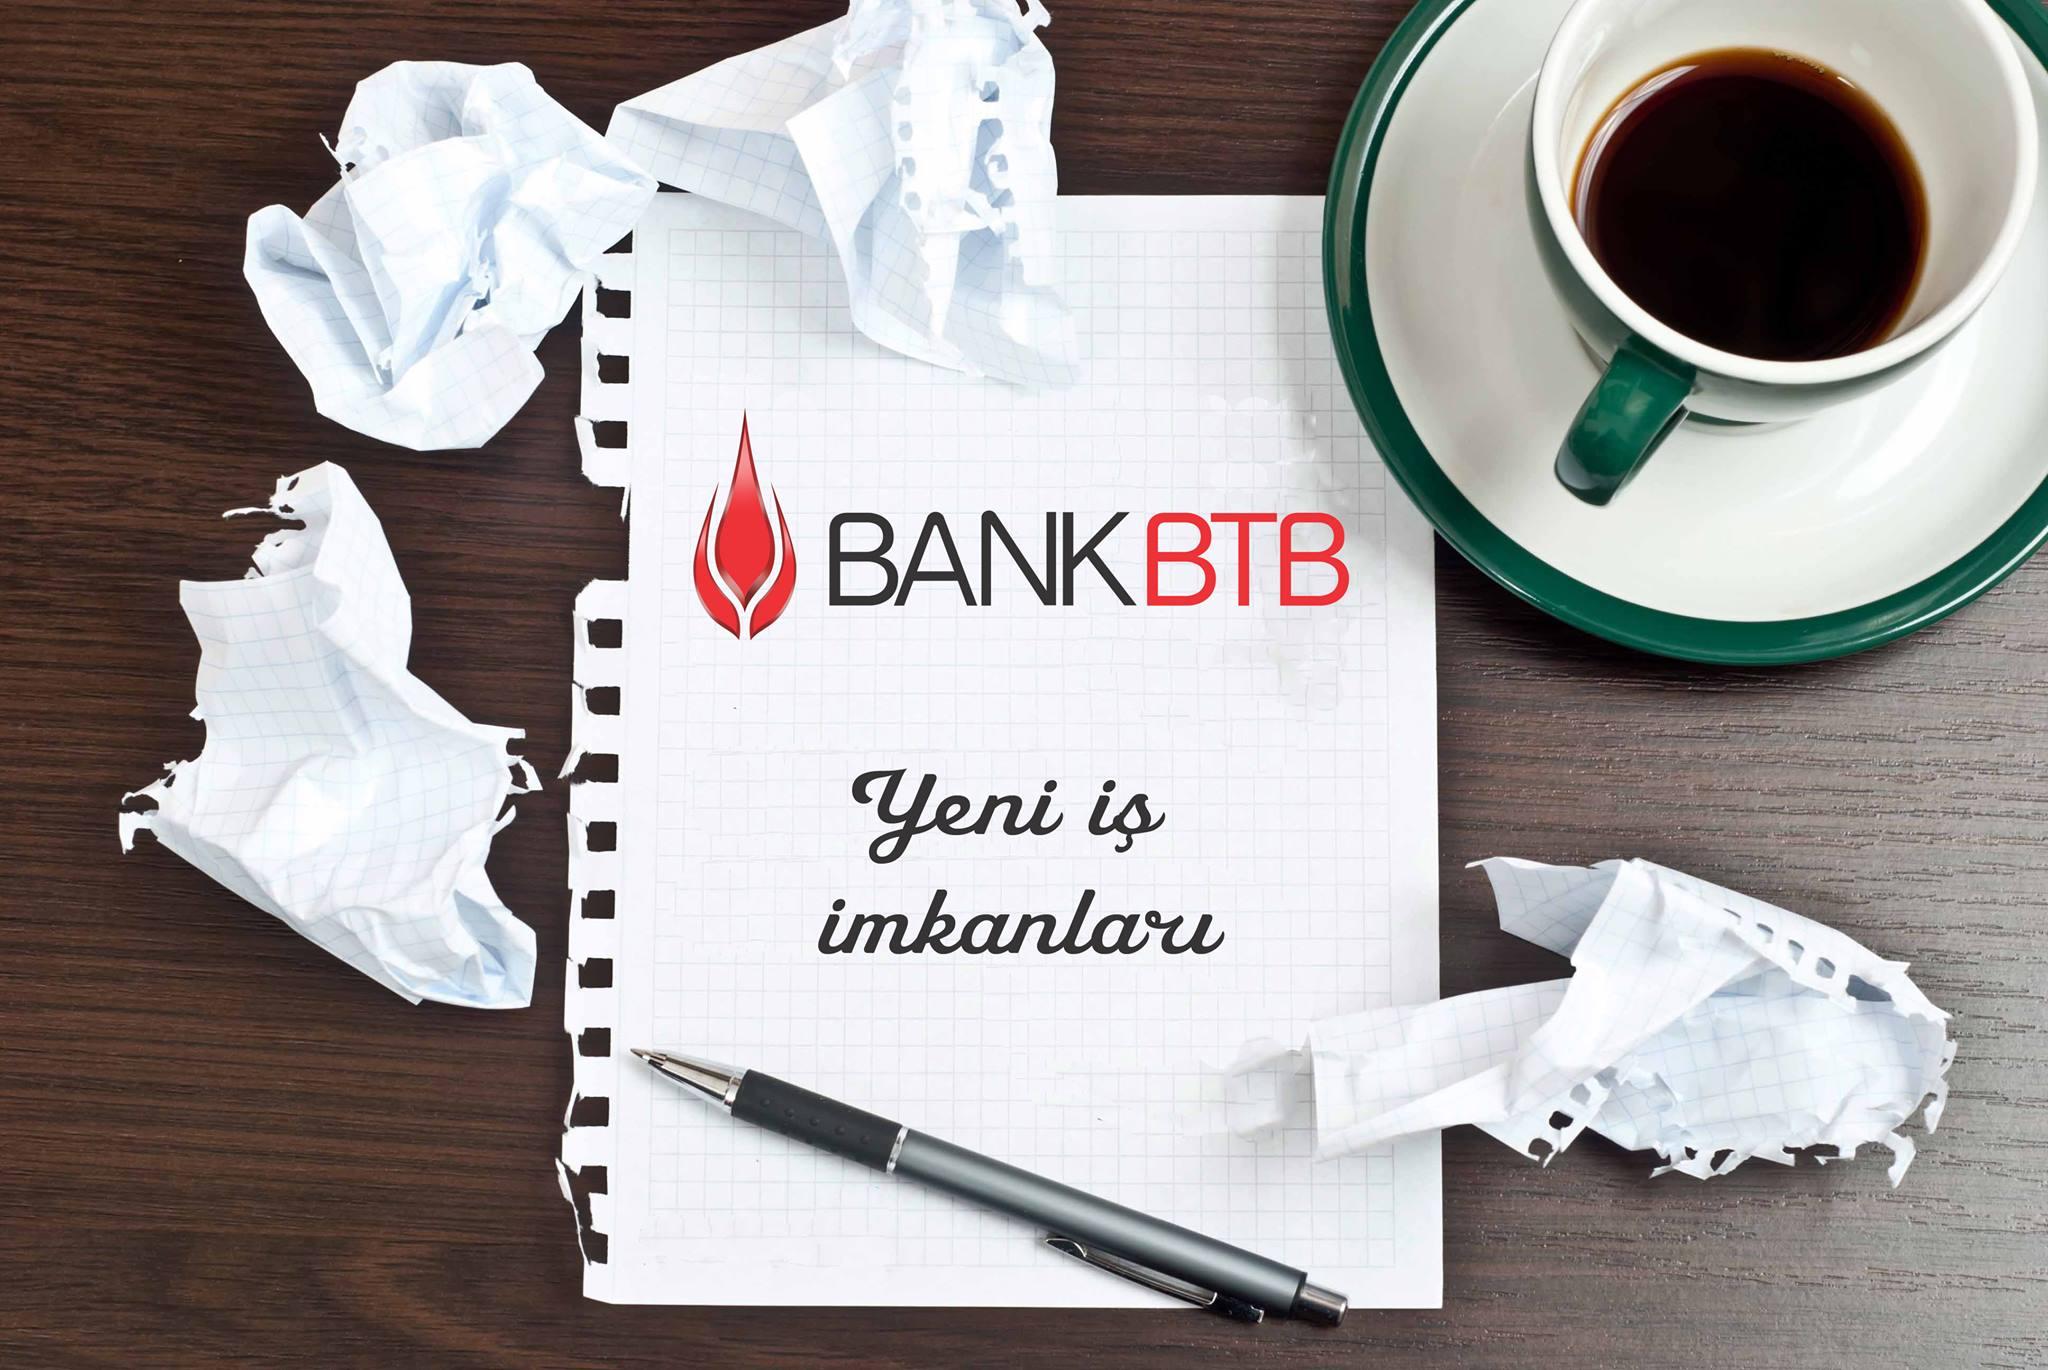 Bank BTB-də yeni vakansiyalar var